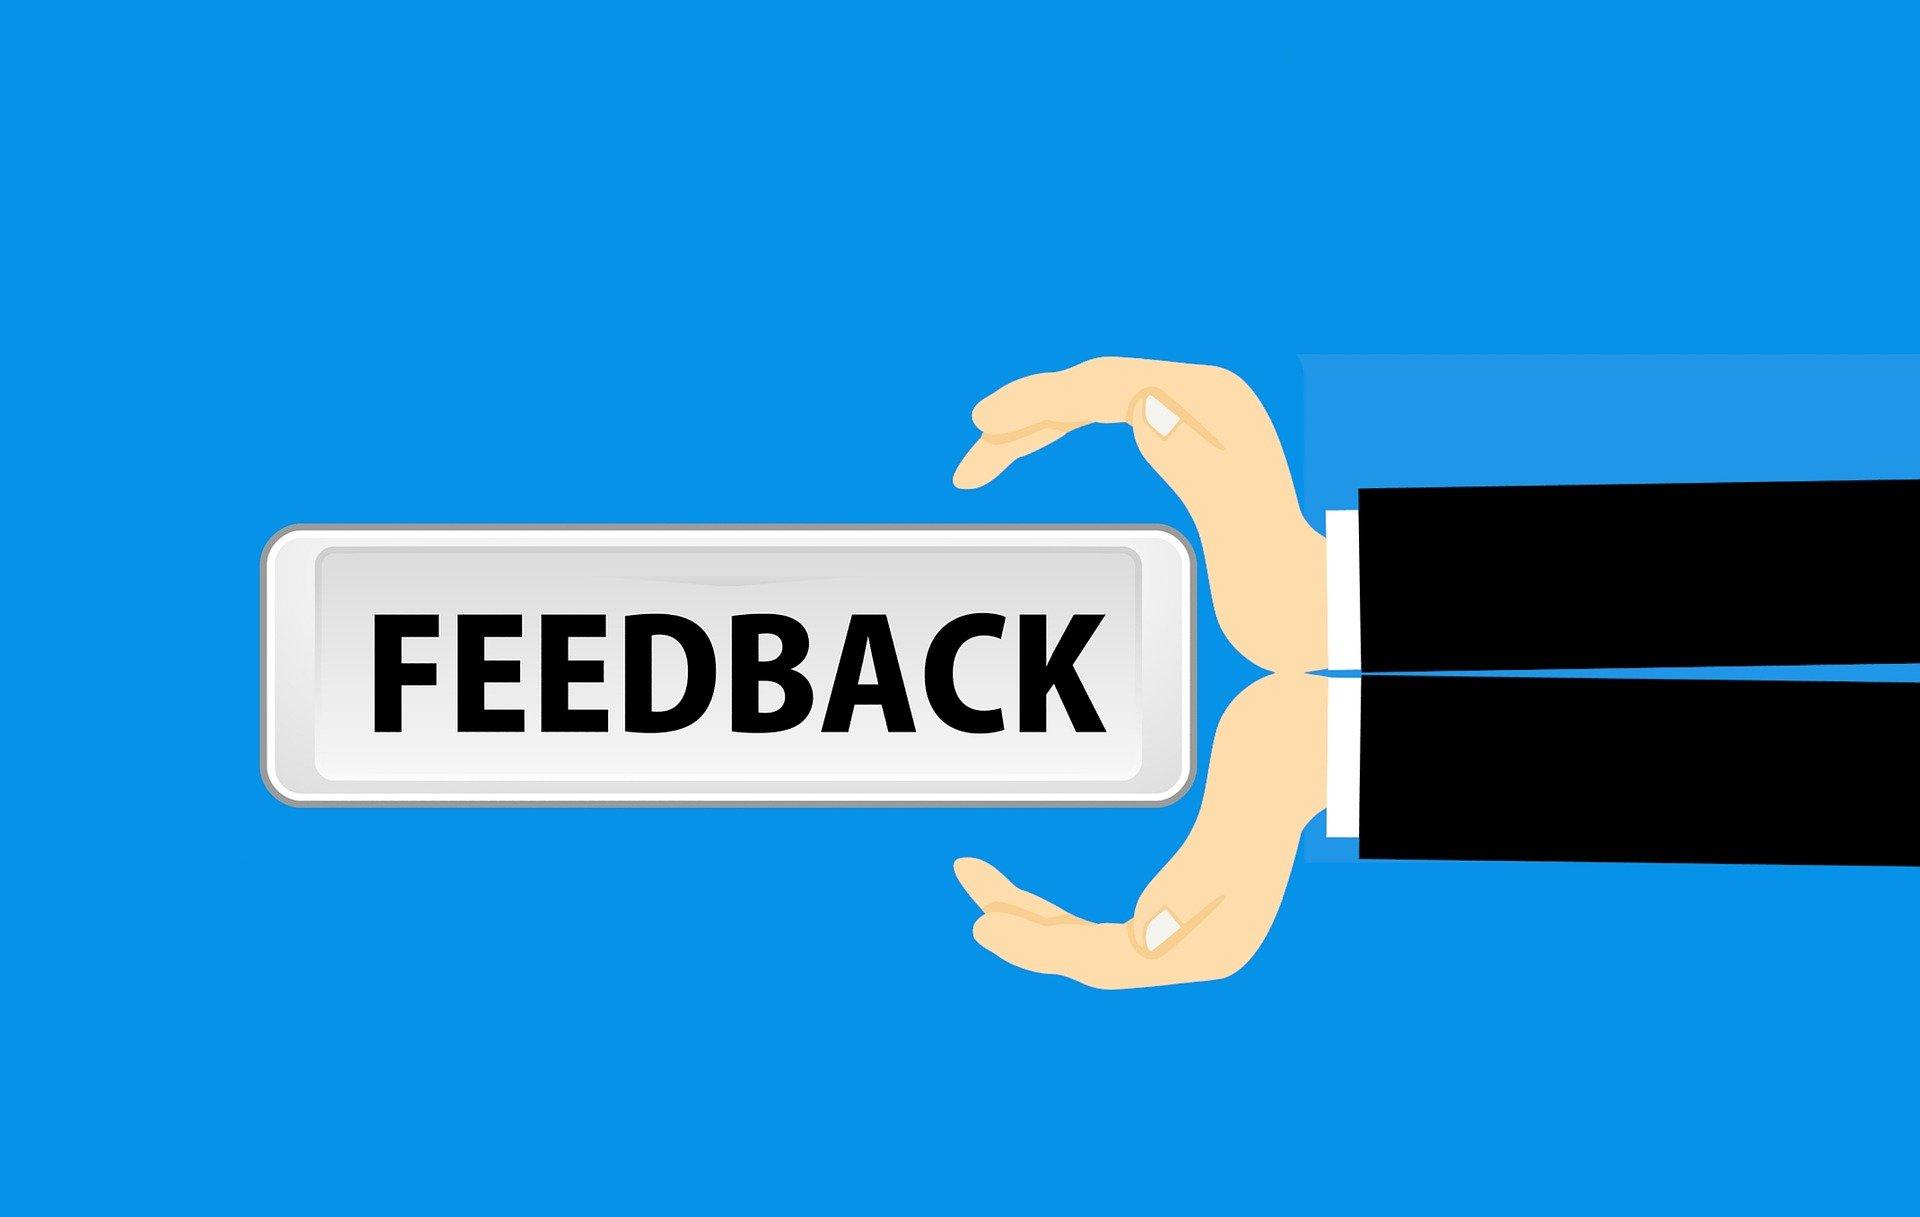 Rückmeldung Umfrage Erhalten Pflege Zufriedenheit - (c) Pixabay